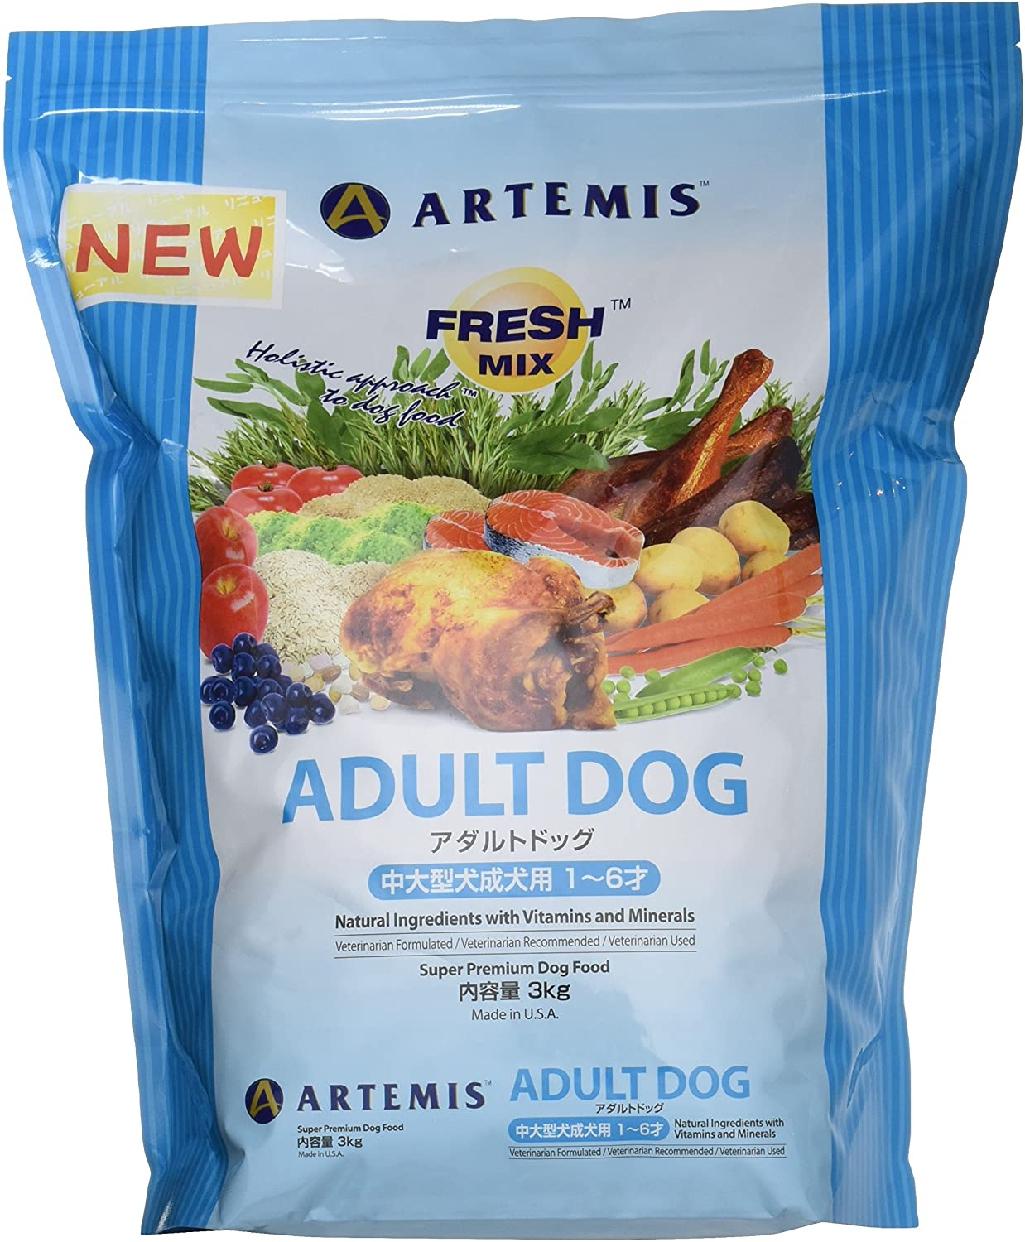 ARTEMIS(アーテミス) フレッシュミックス アダルトドッグ 3kgの商品画像